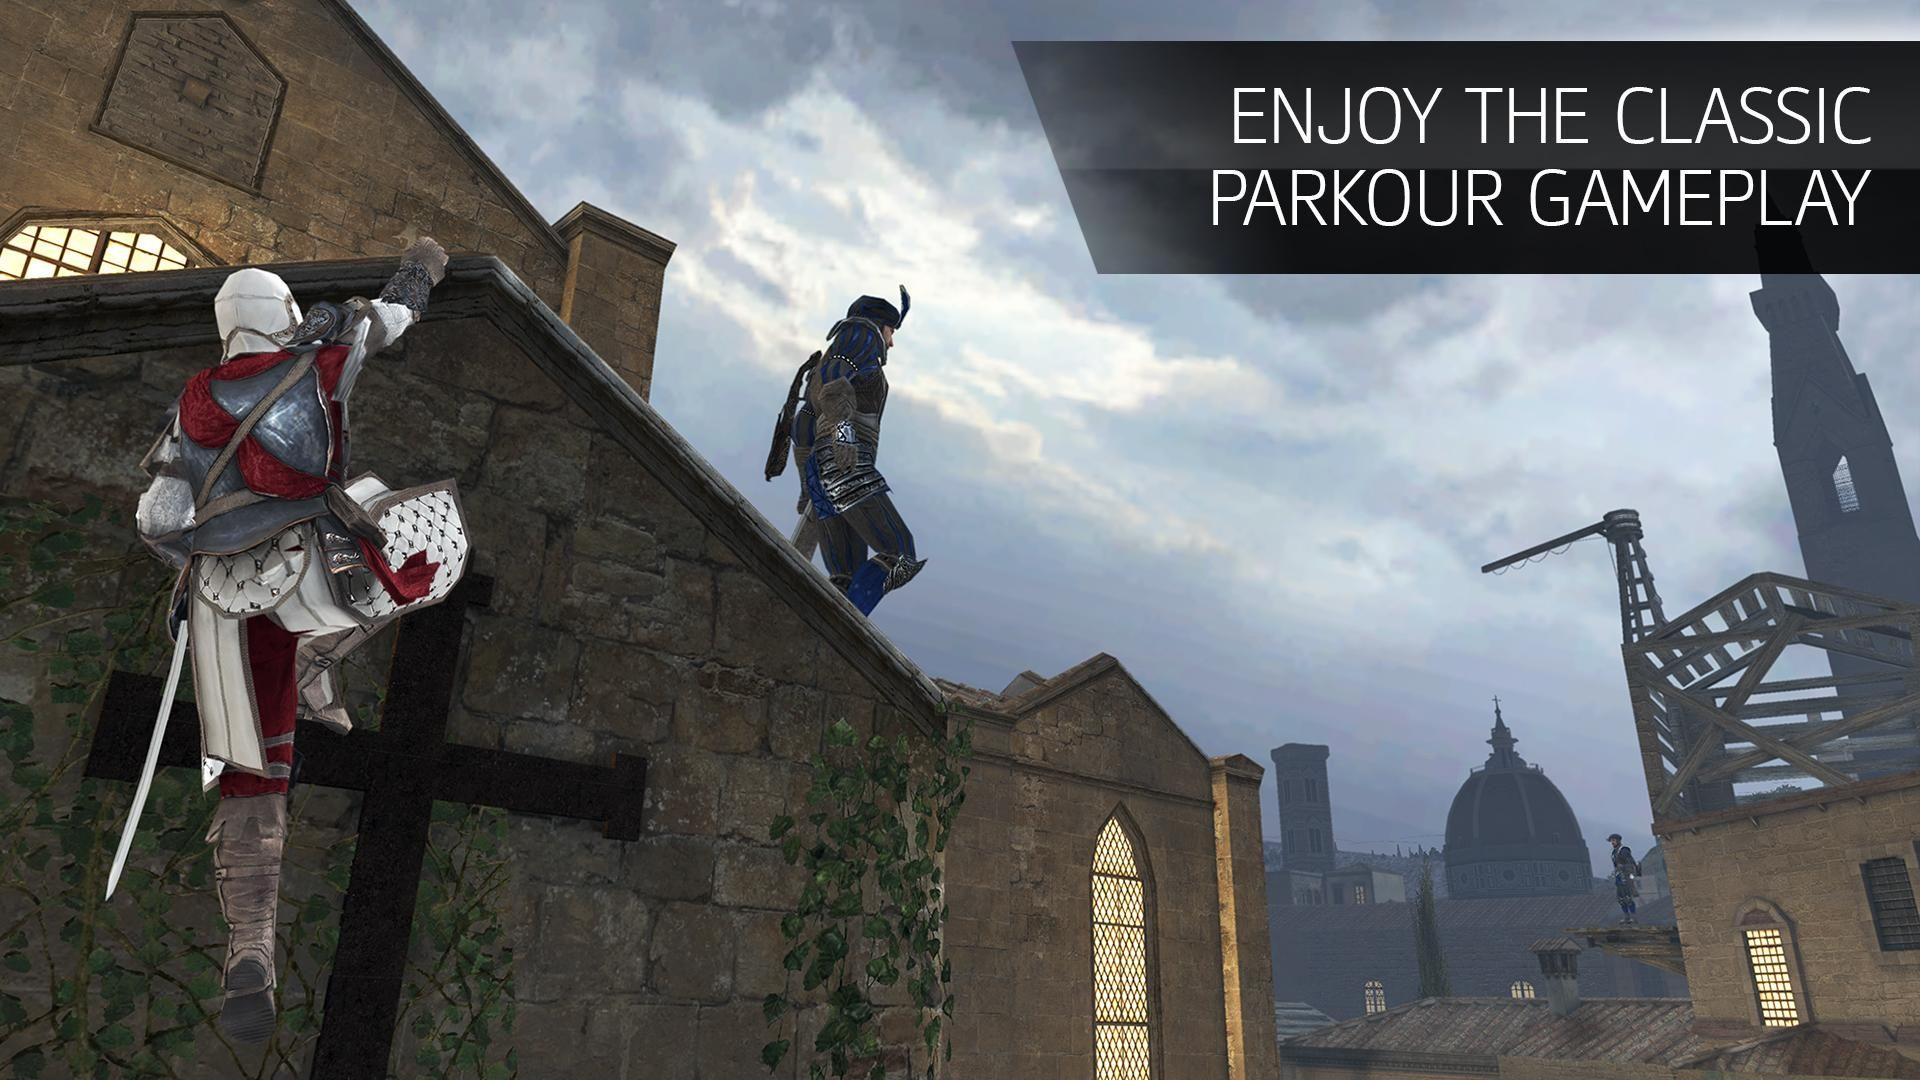 刺客信条:本色(Assassin's Creed Identity) 游戏截图3